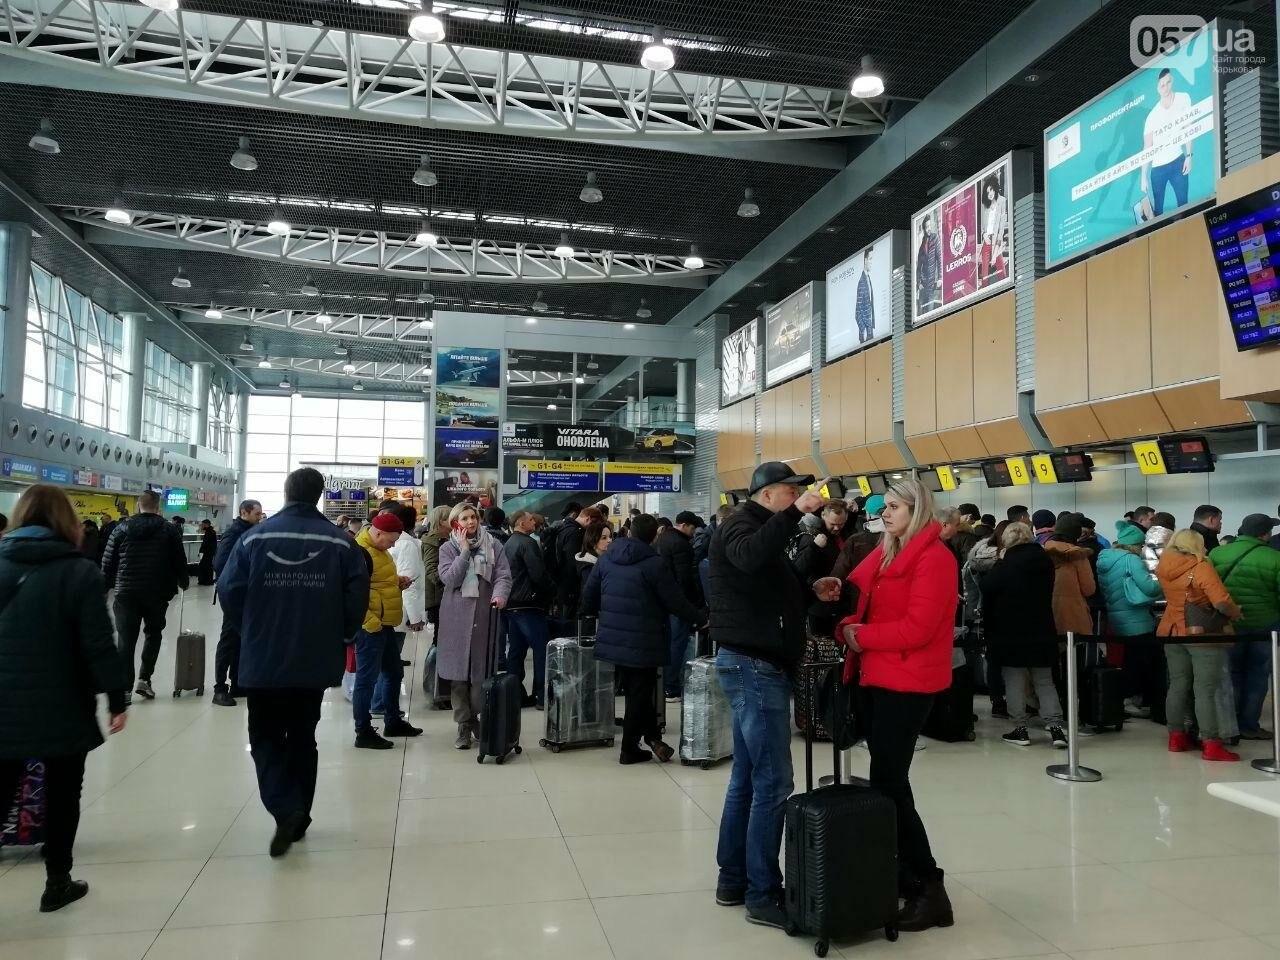 В харьковском аэропорту приземлился самолет с эвакуированными пассажирами из Китая, - ОНЛАЙН-ТРАНСЛЯЦИЯ, фото-23